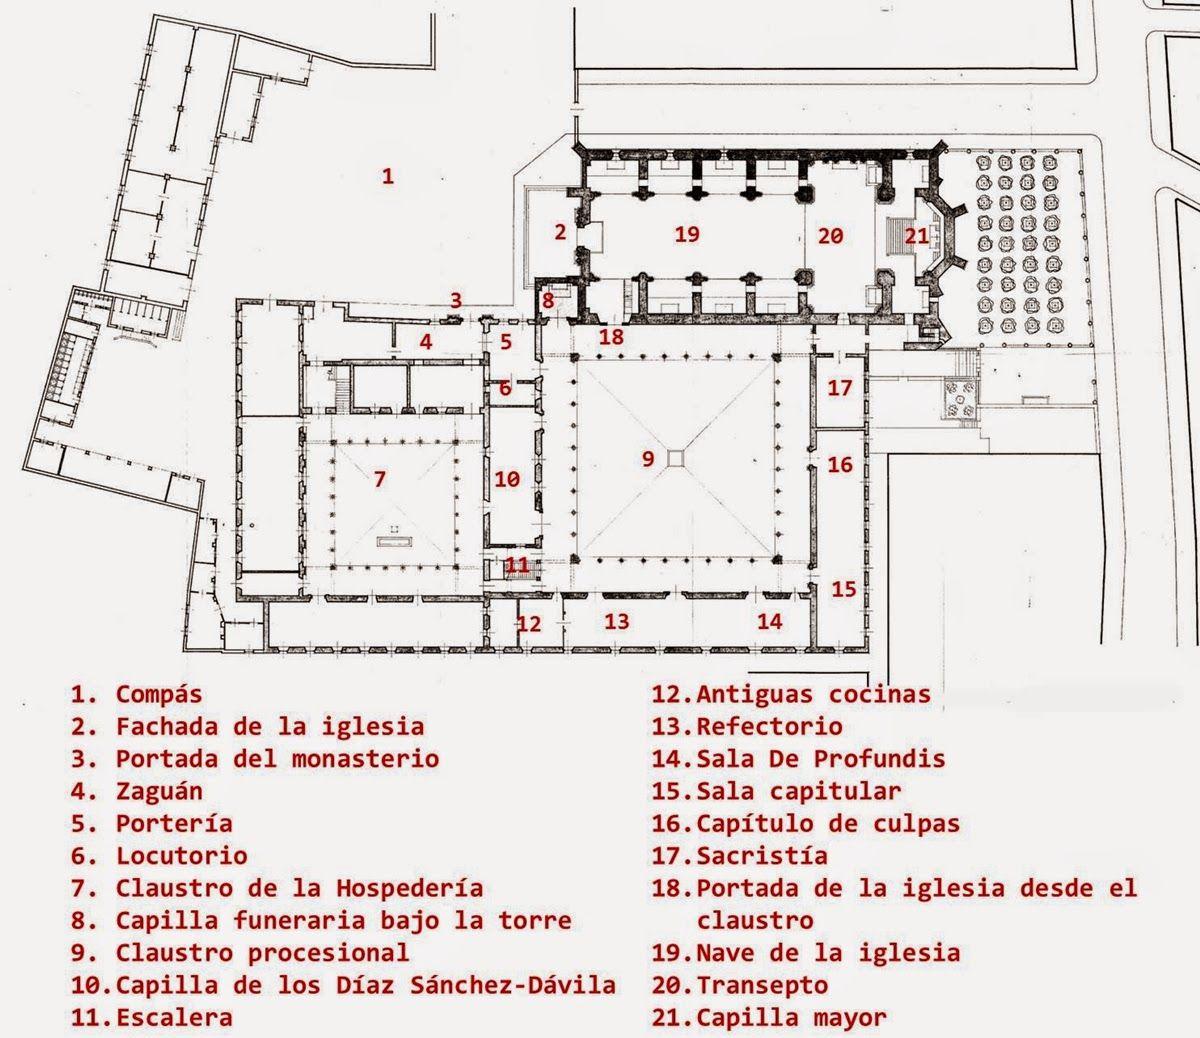 Plano de espacios un monasterio buscar con google for Planos google